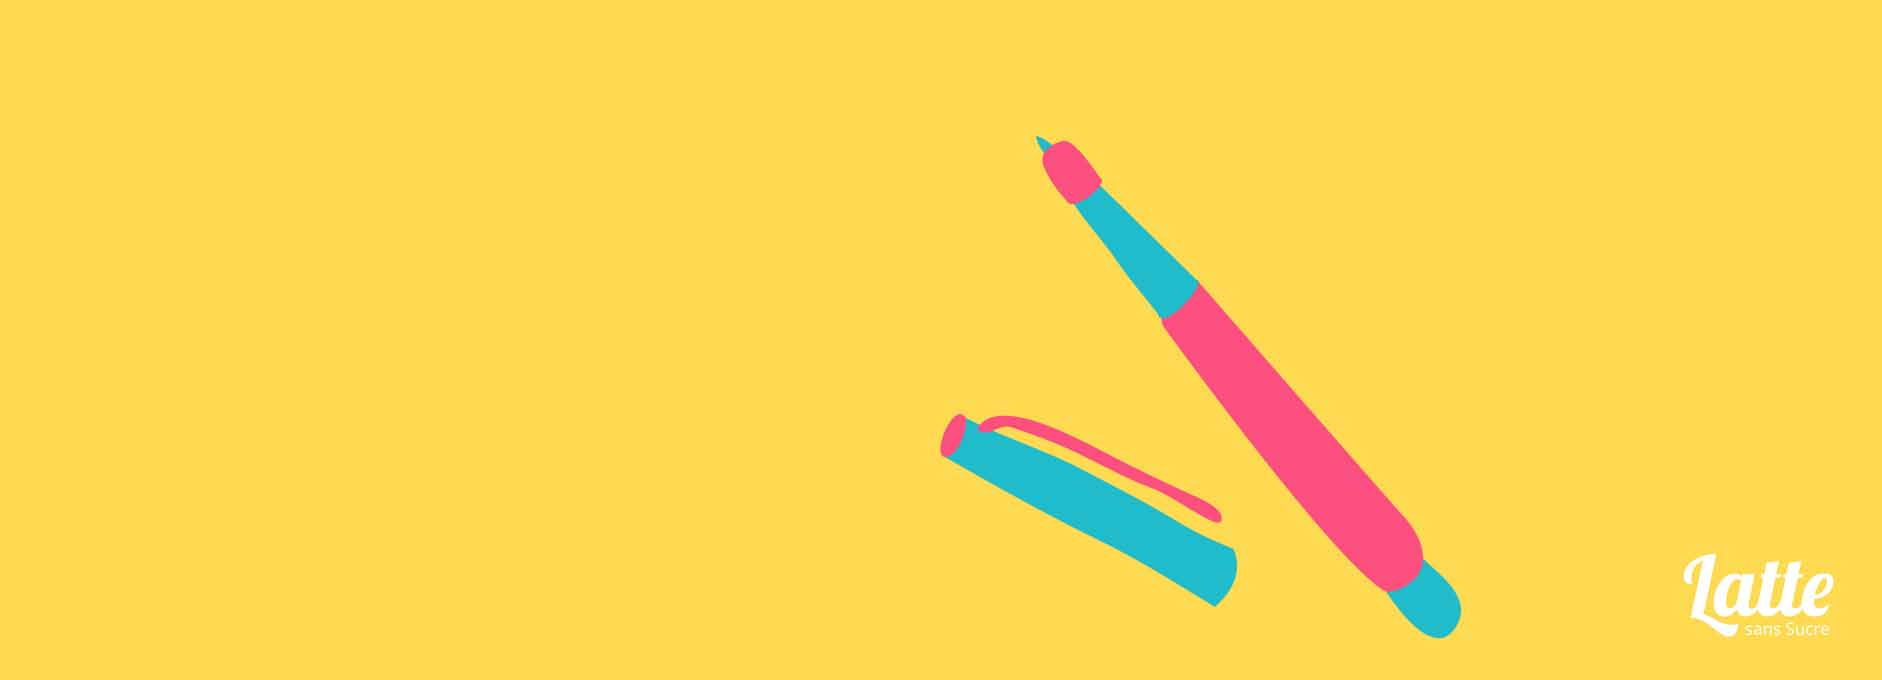 Test : quels sont tes petits plaisirs au bureau ?